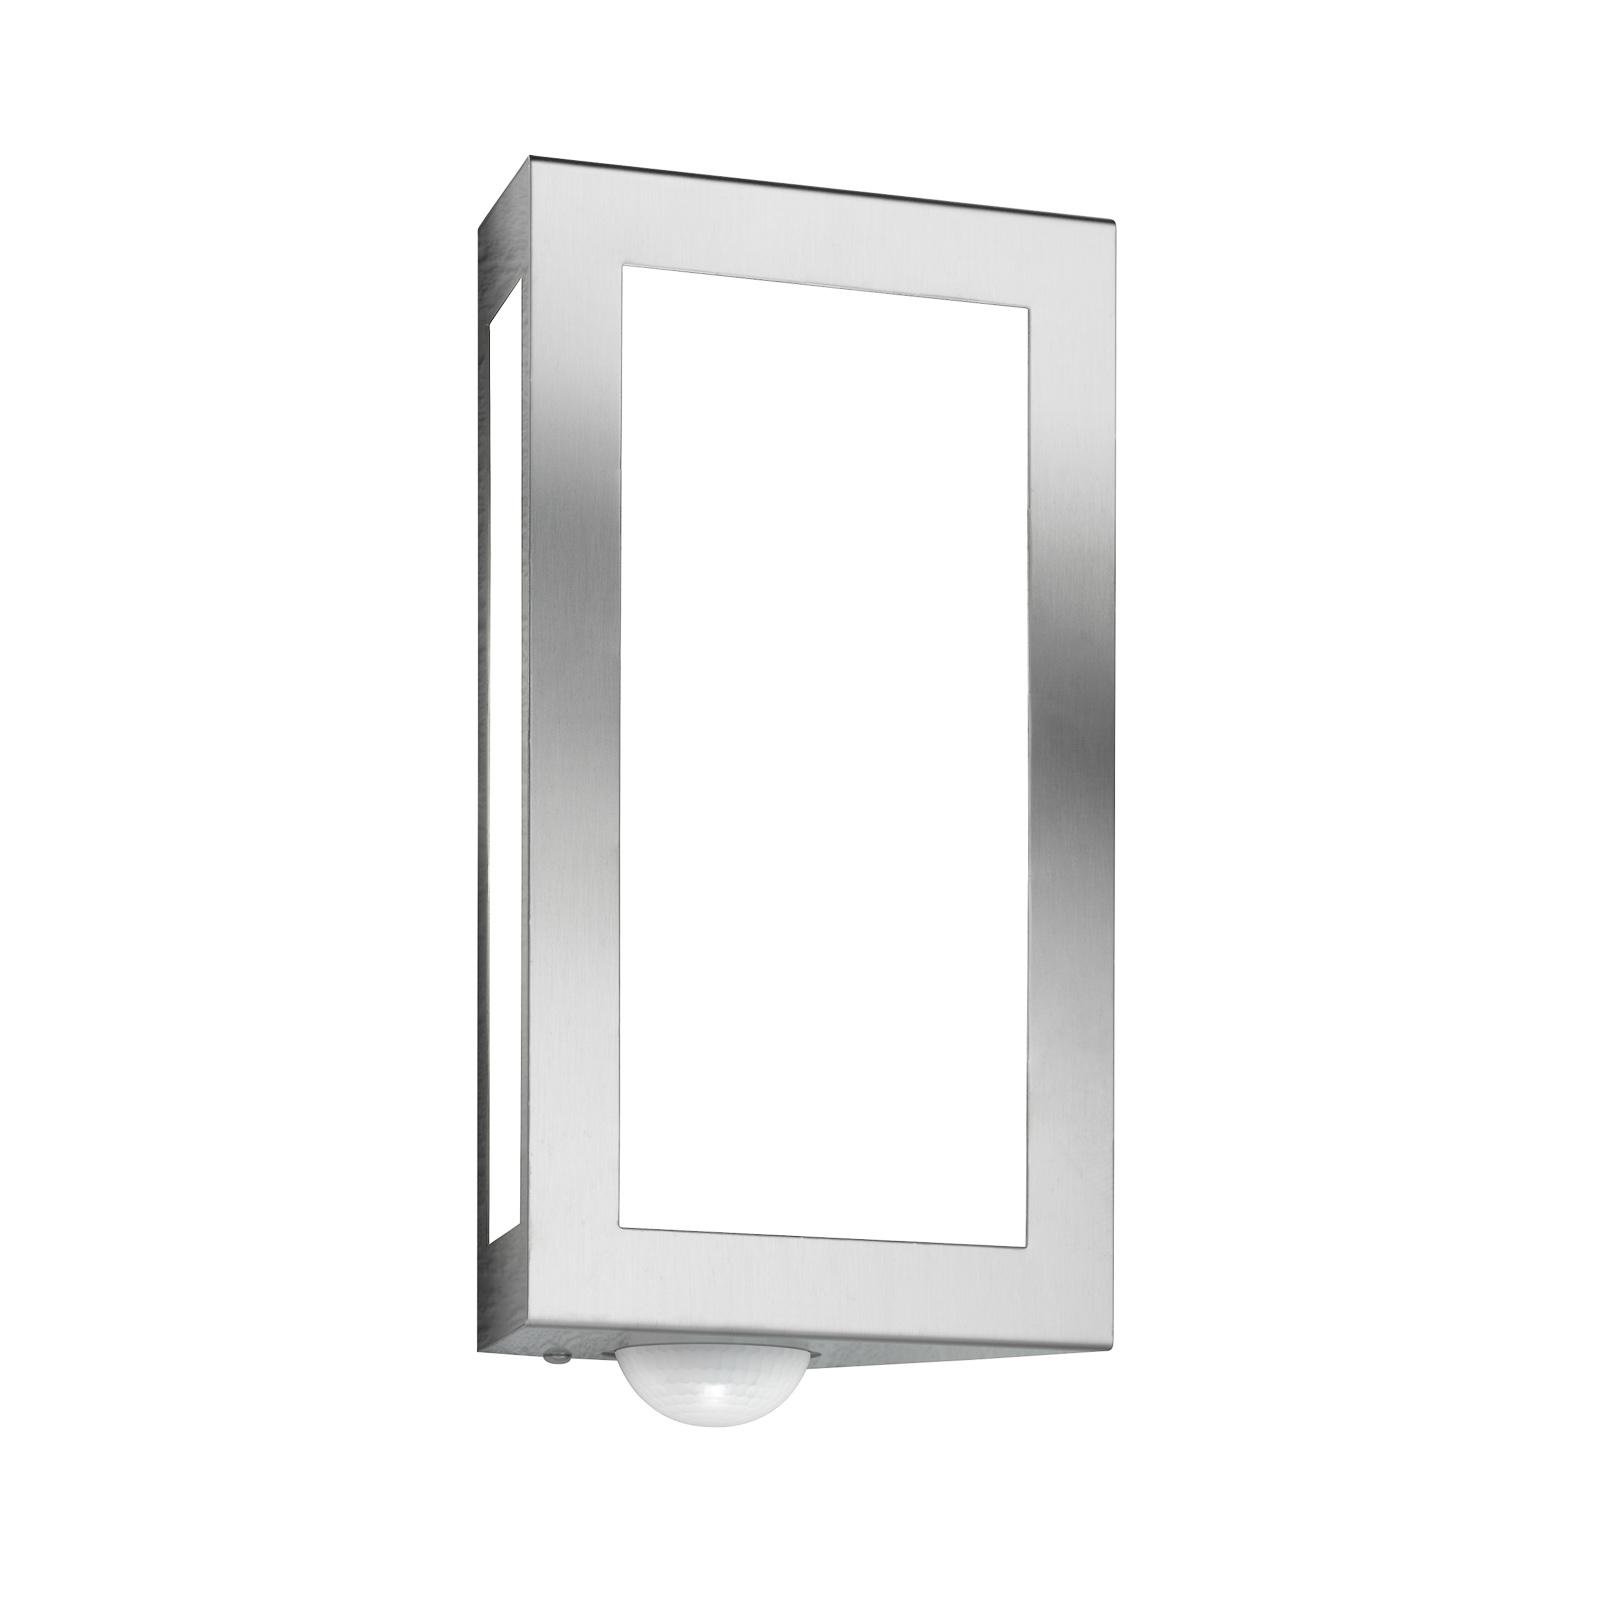 Applique d'extérieur rectangle Long, avec capteur